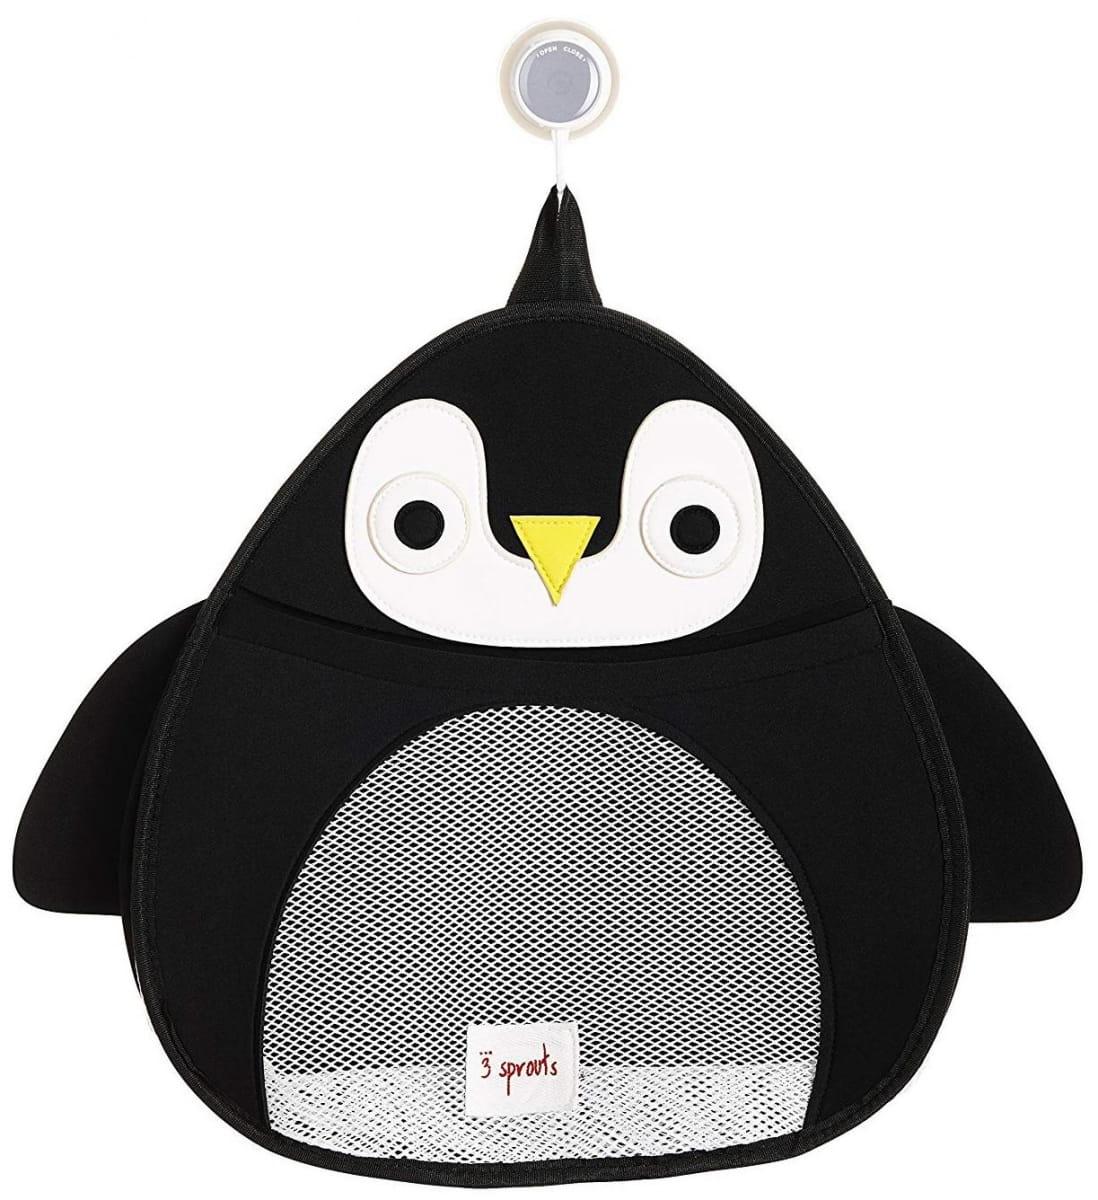 Органайзер для ванной 3 SPROUTS Черный пингвин Black Penguin - Развивающие центры и игрушки